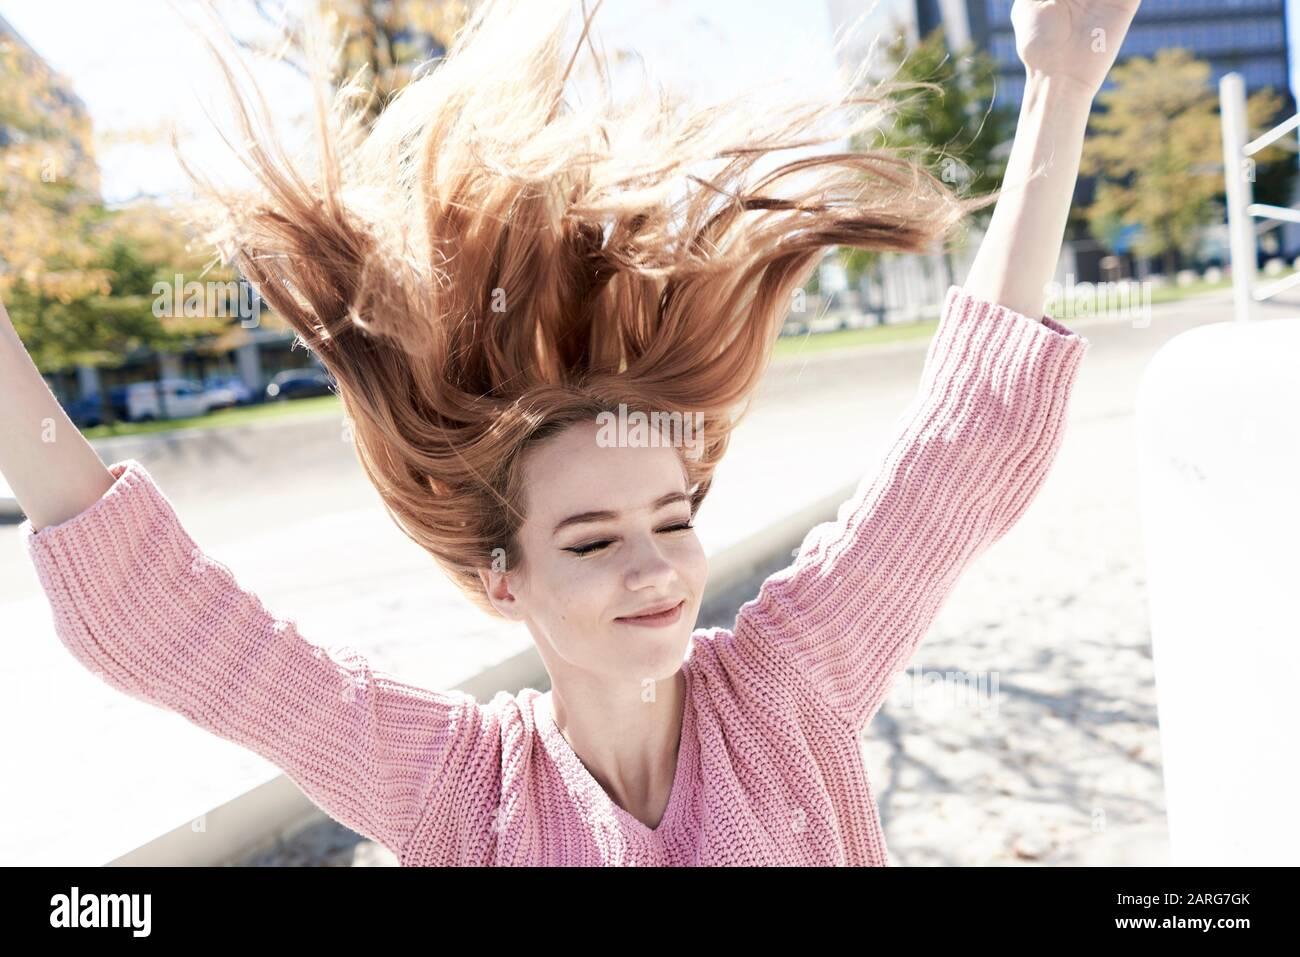 Retrato de mujer joven con pelo volador. Munich, Alemania. Foto de stock